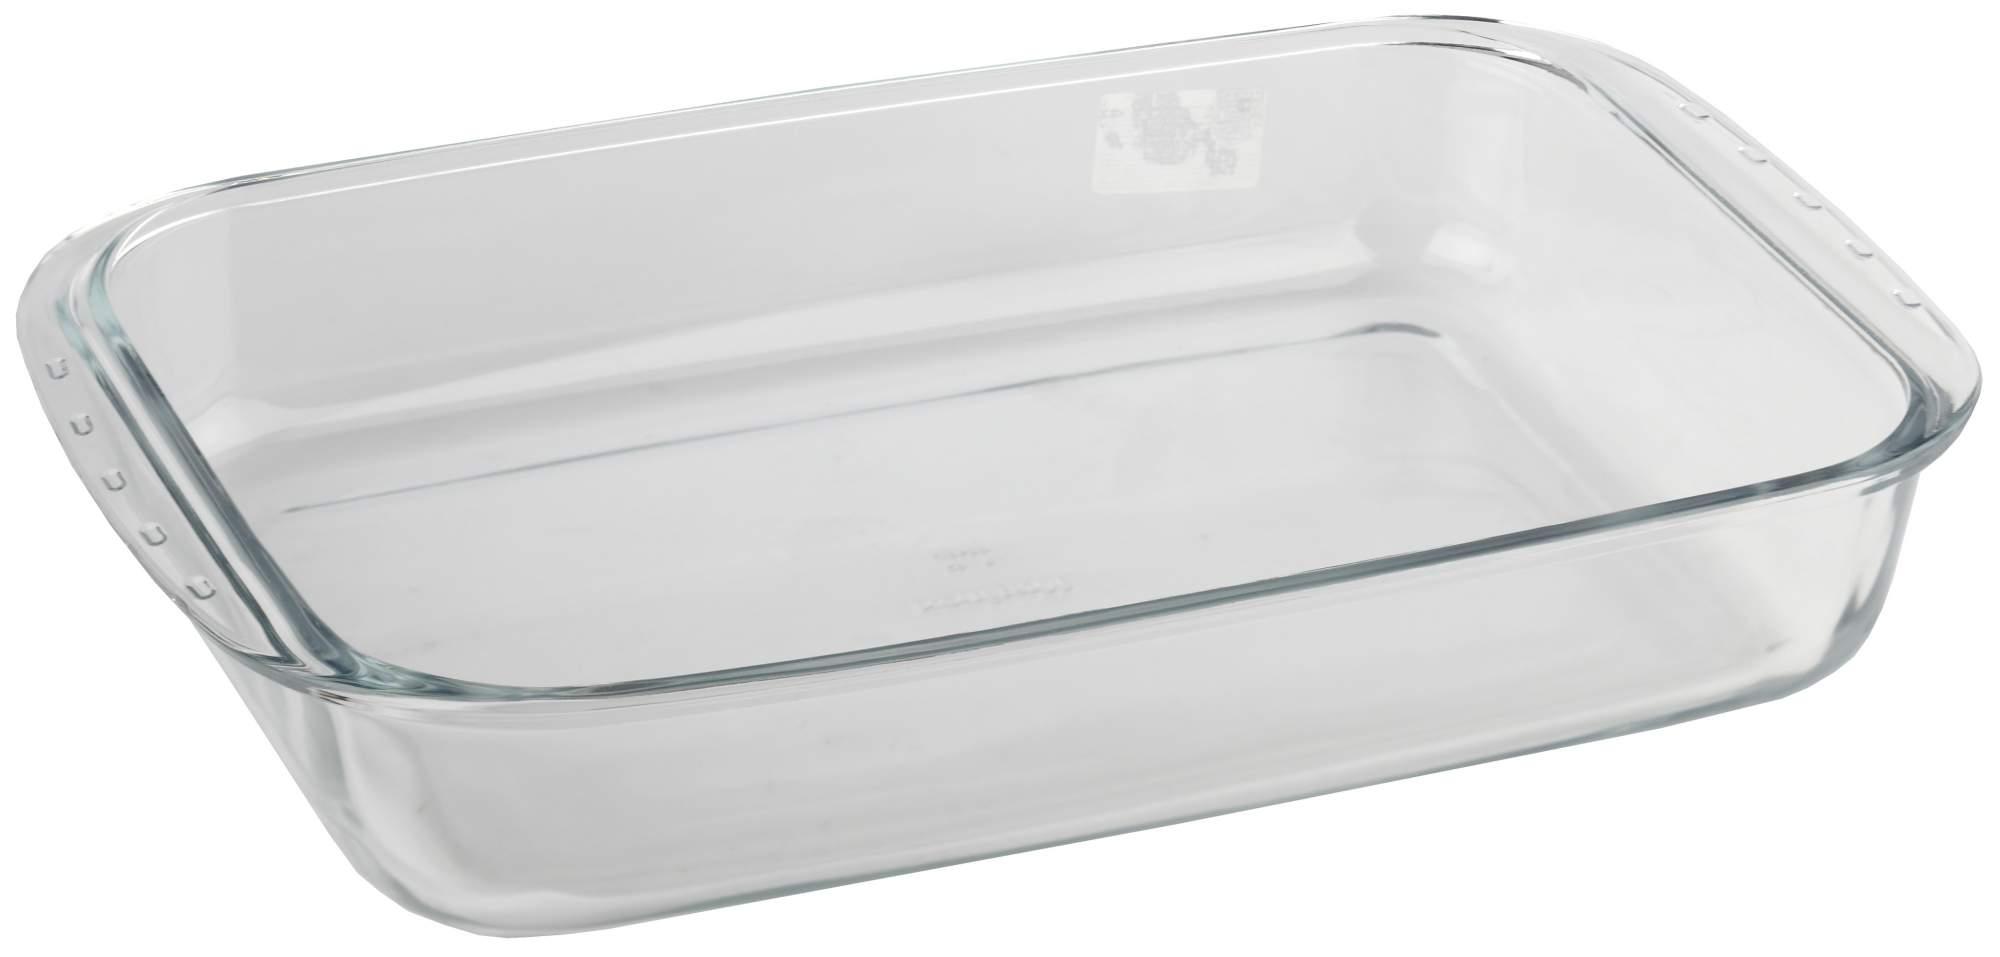 Форма для запекания Marinex M165370 Прозрачный